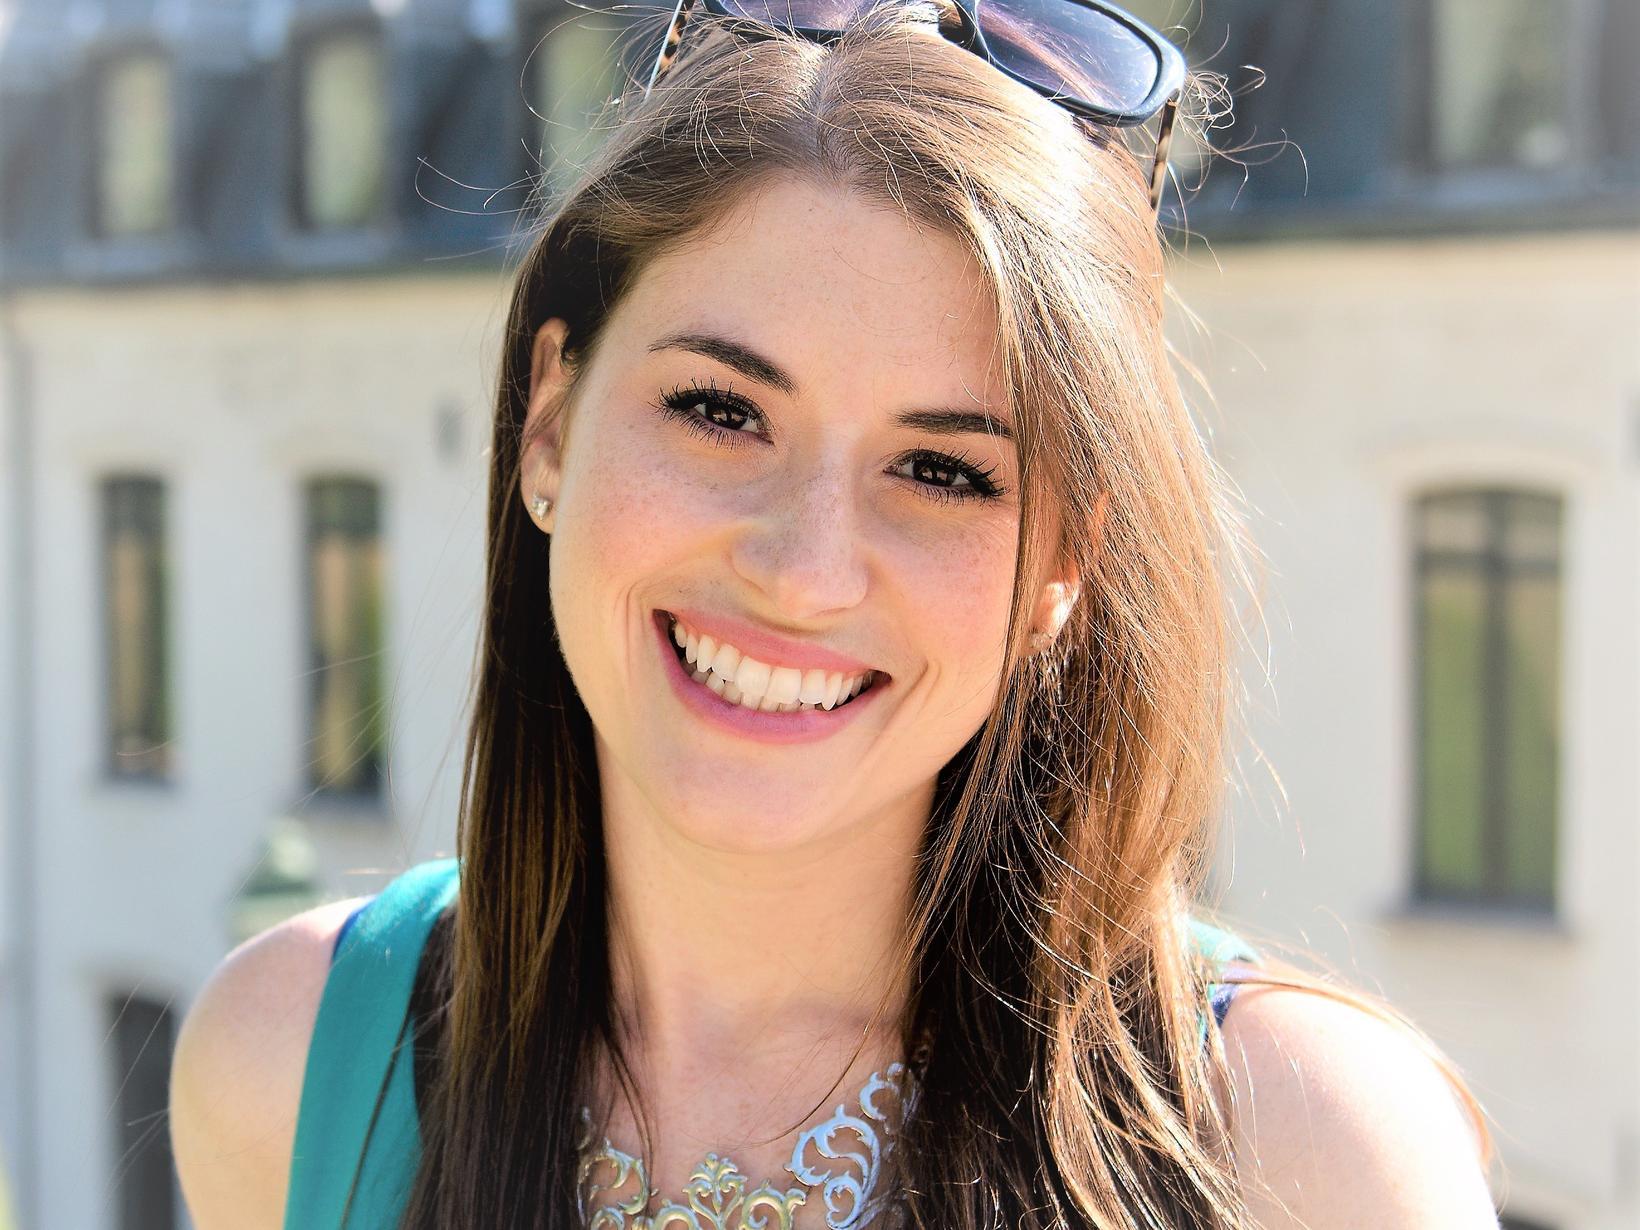 Jessica from Brussels, Belgium